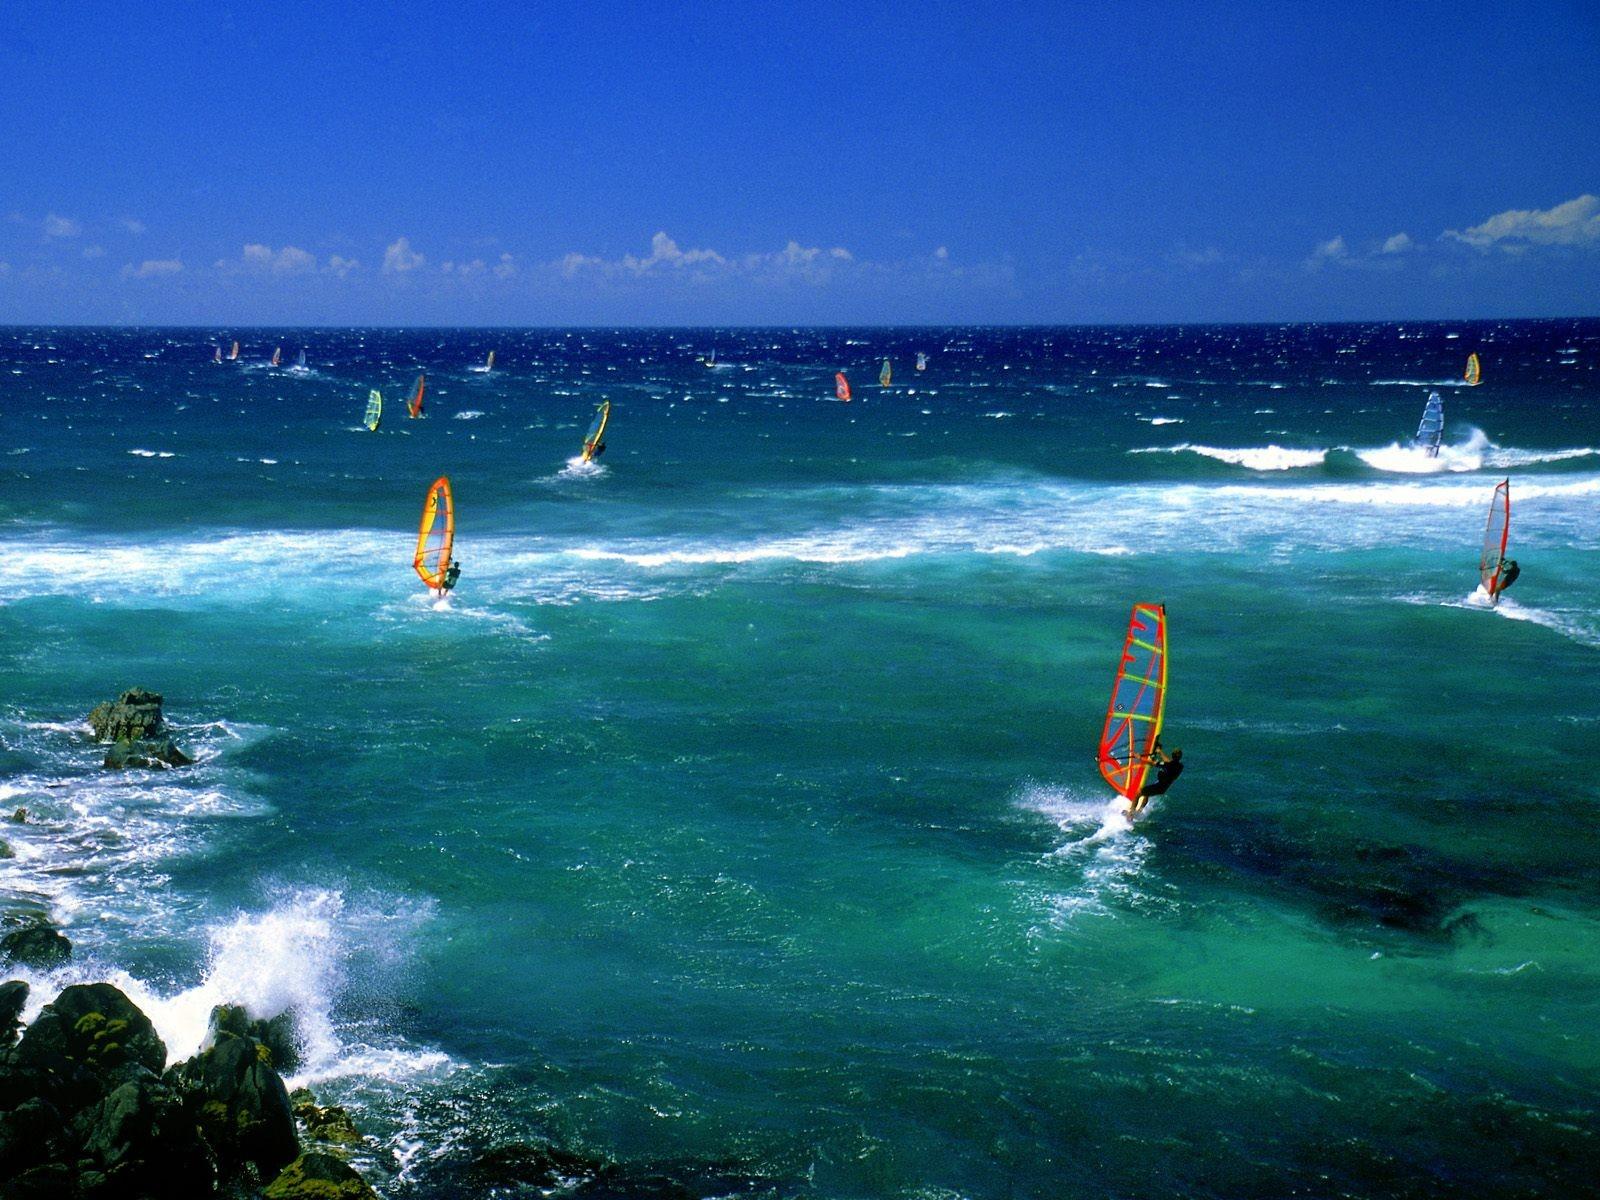 http://2.bp.blogspot.com/_gRl1tLJOW7Q/TLV8yUPVbRI/AAAAAAAABFA/fpJ18ZC5V6A/s1600/maui_windsurfers_desktop_wallpaper_78985_raj.jpg